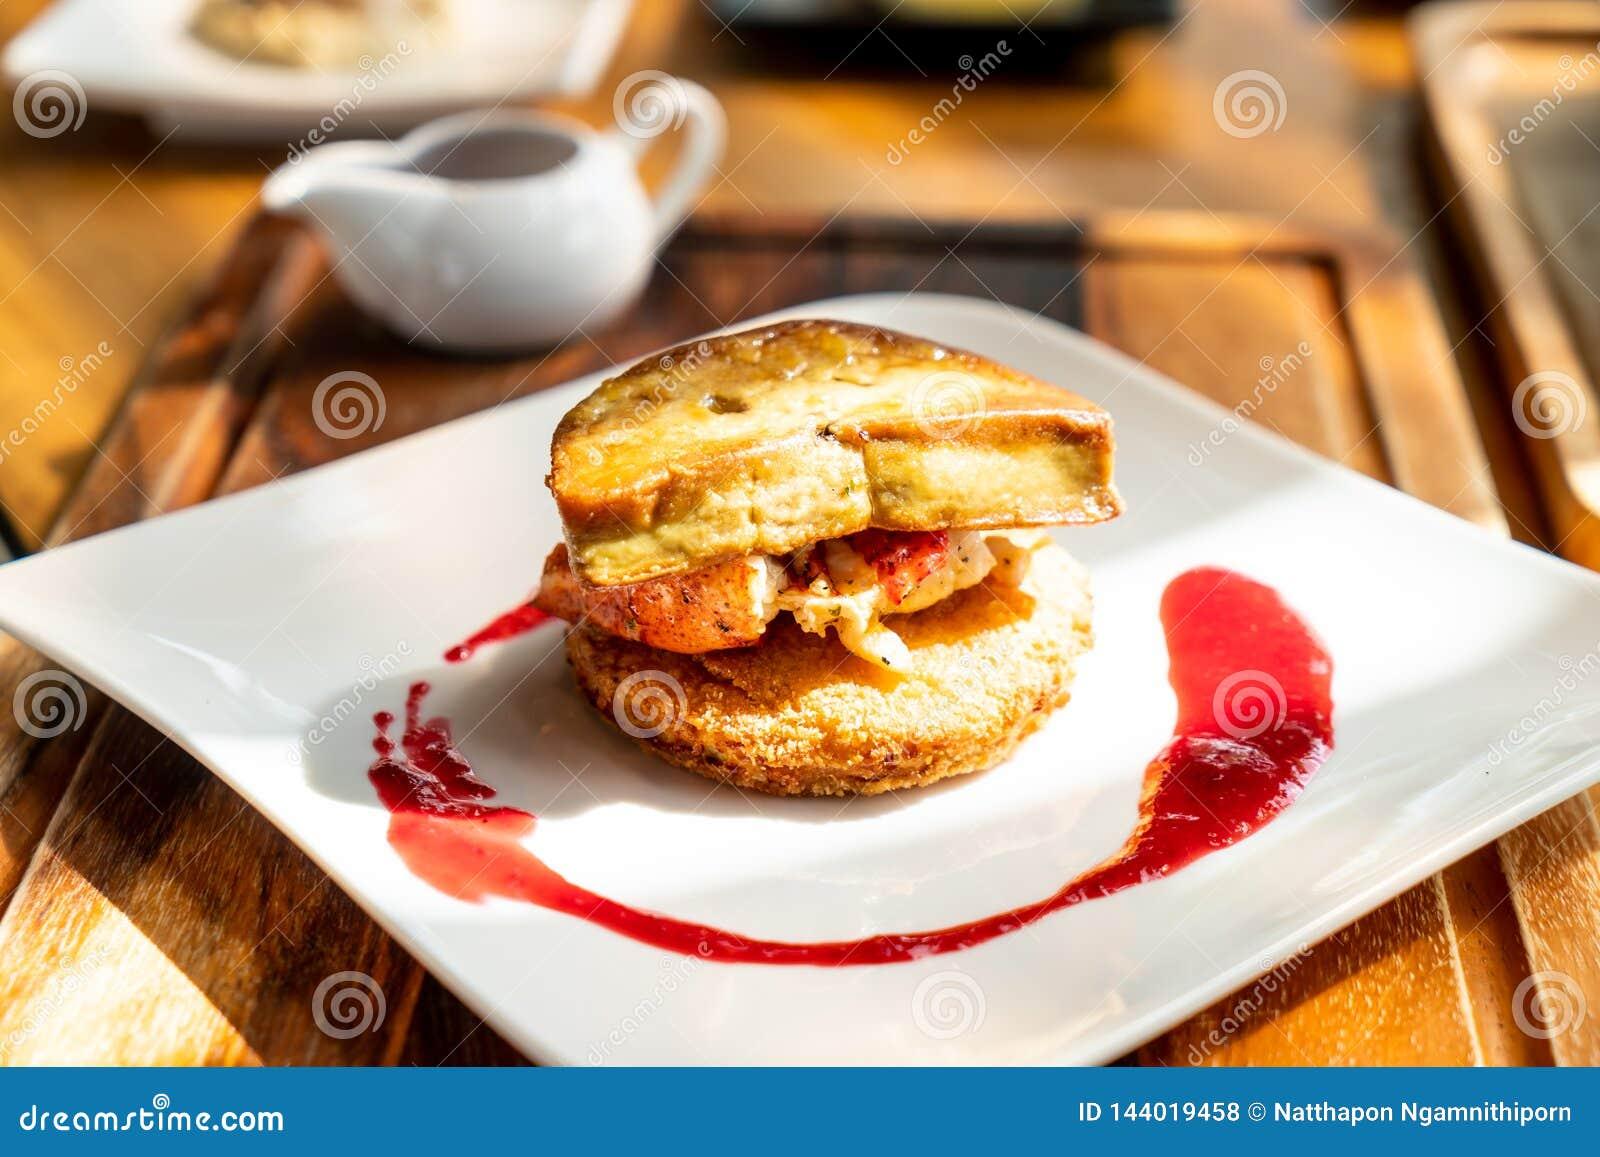 Foie gras med hummer- och hallonsås